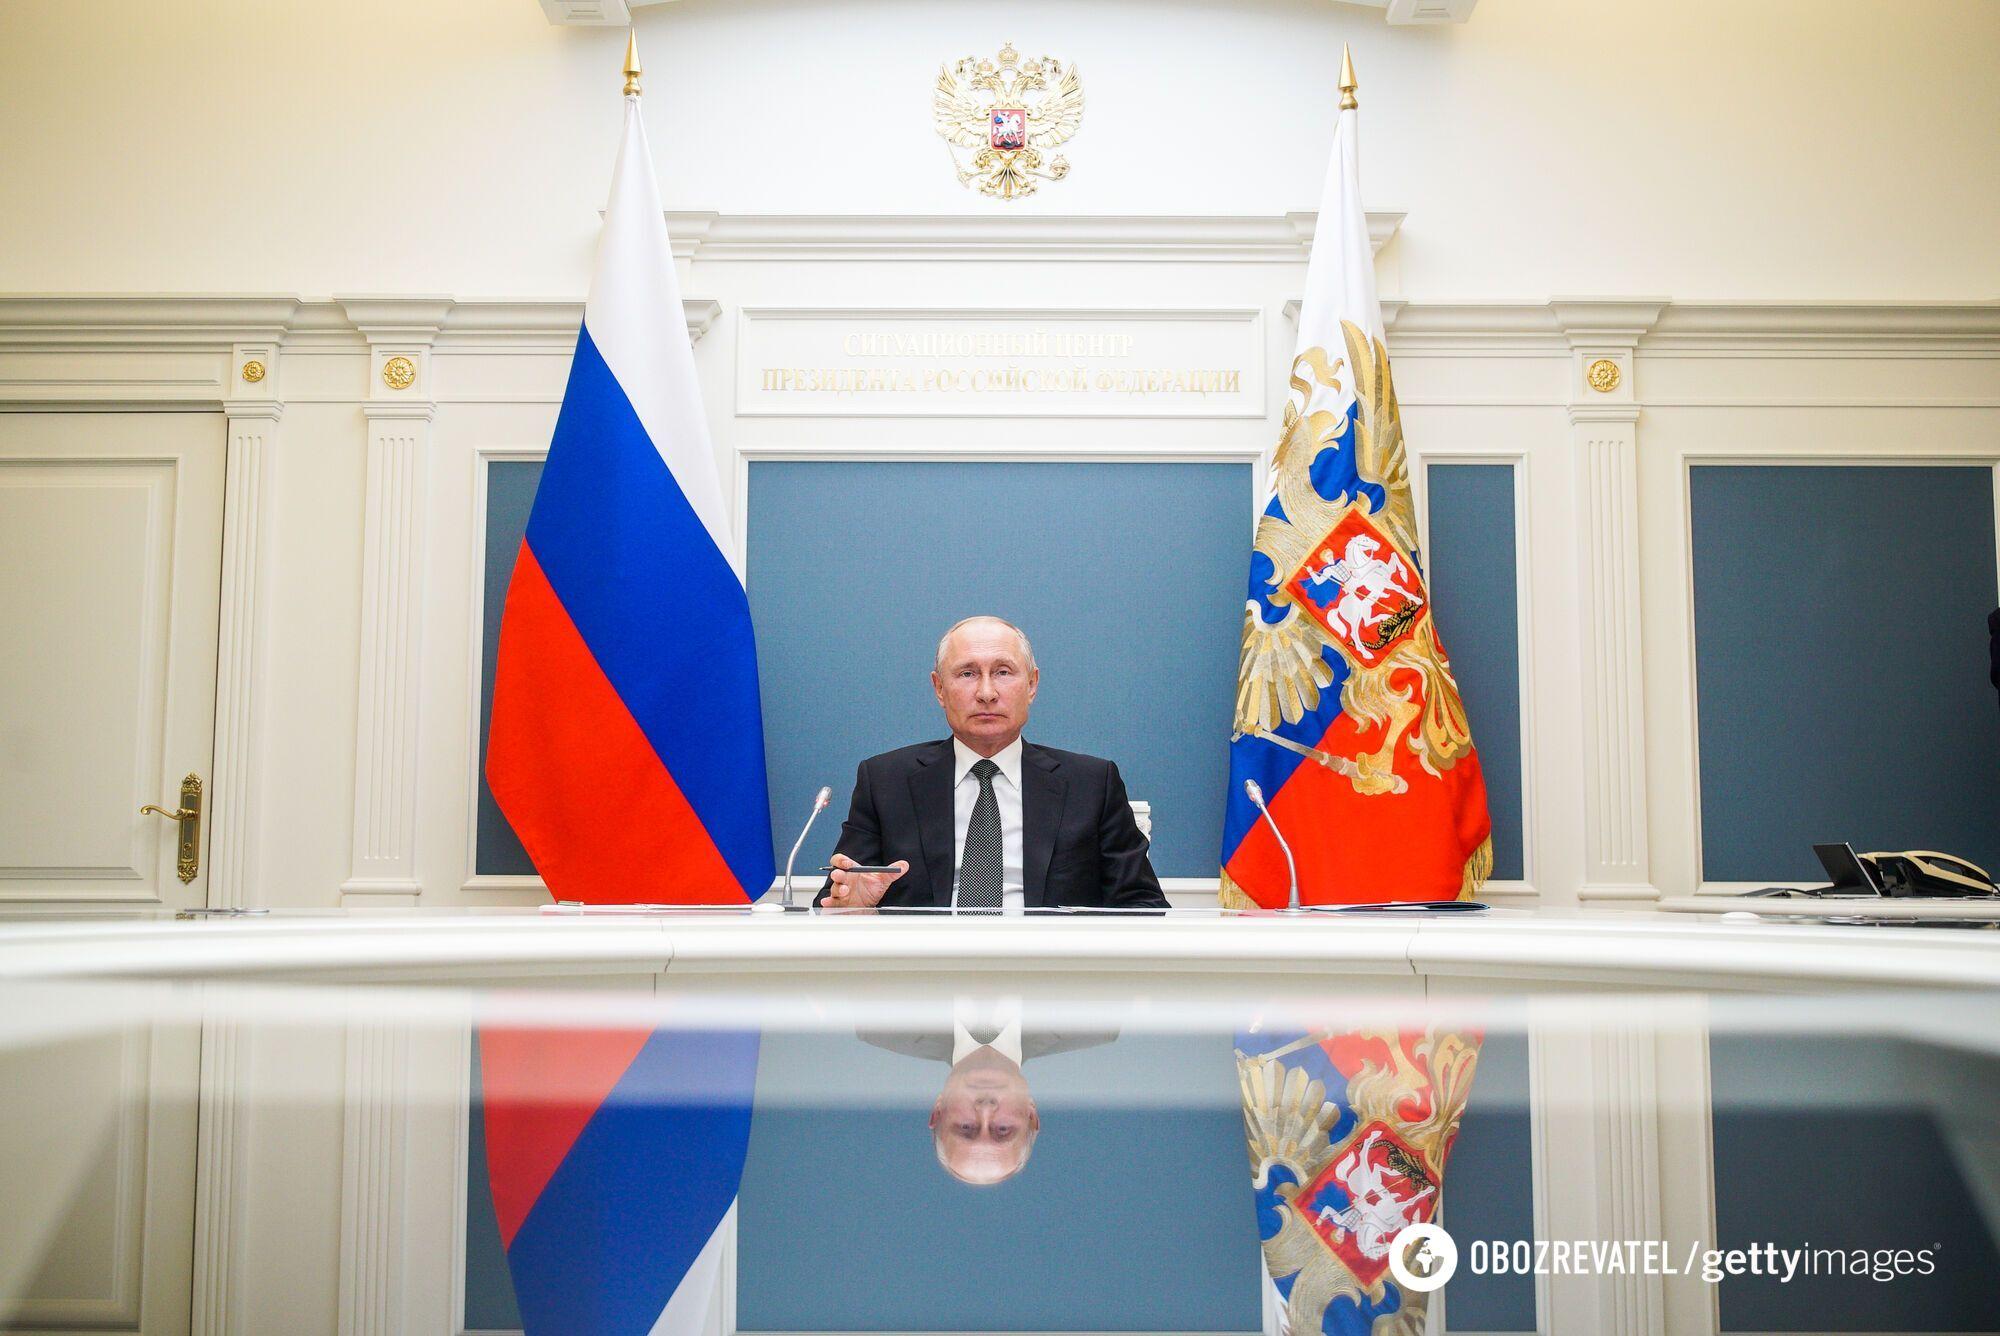 Володимир Путін вкотре хотів вразити американців, вважає Олександр Мережко